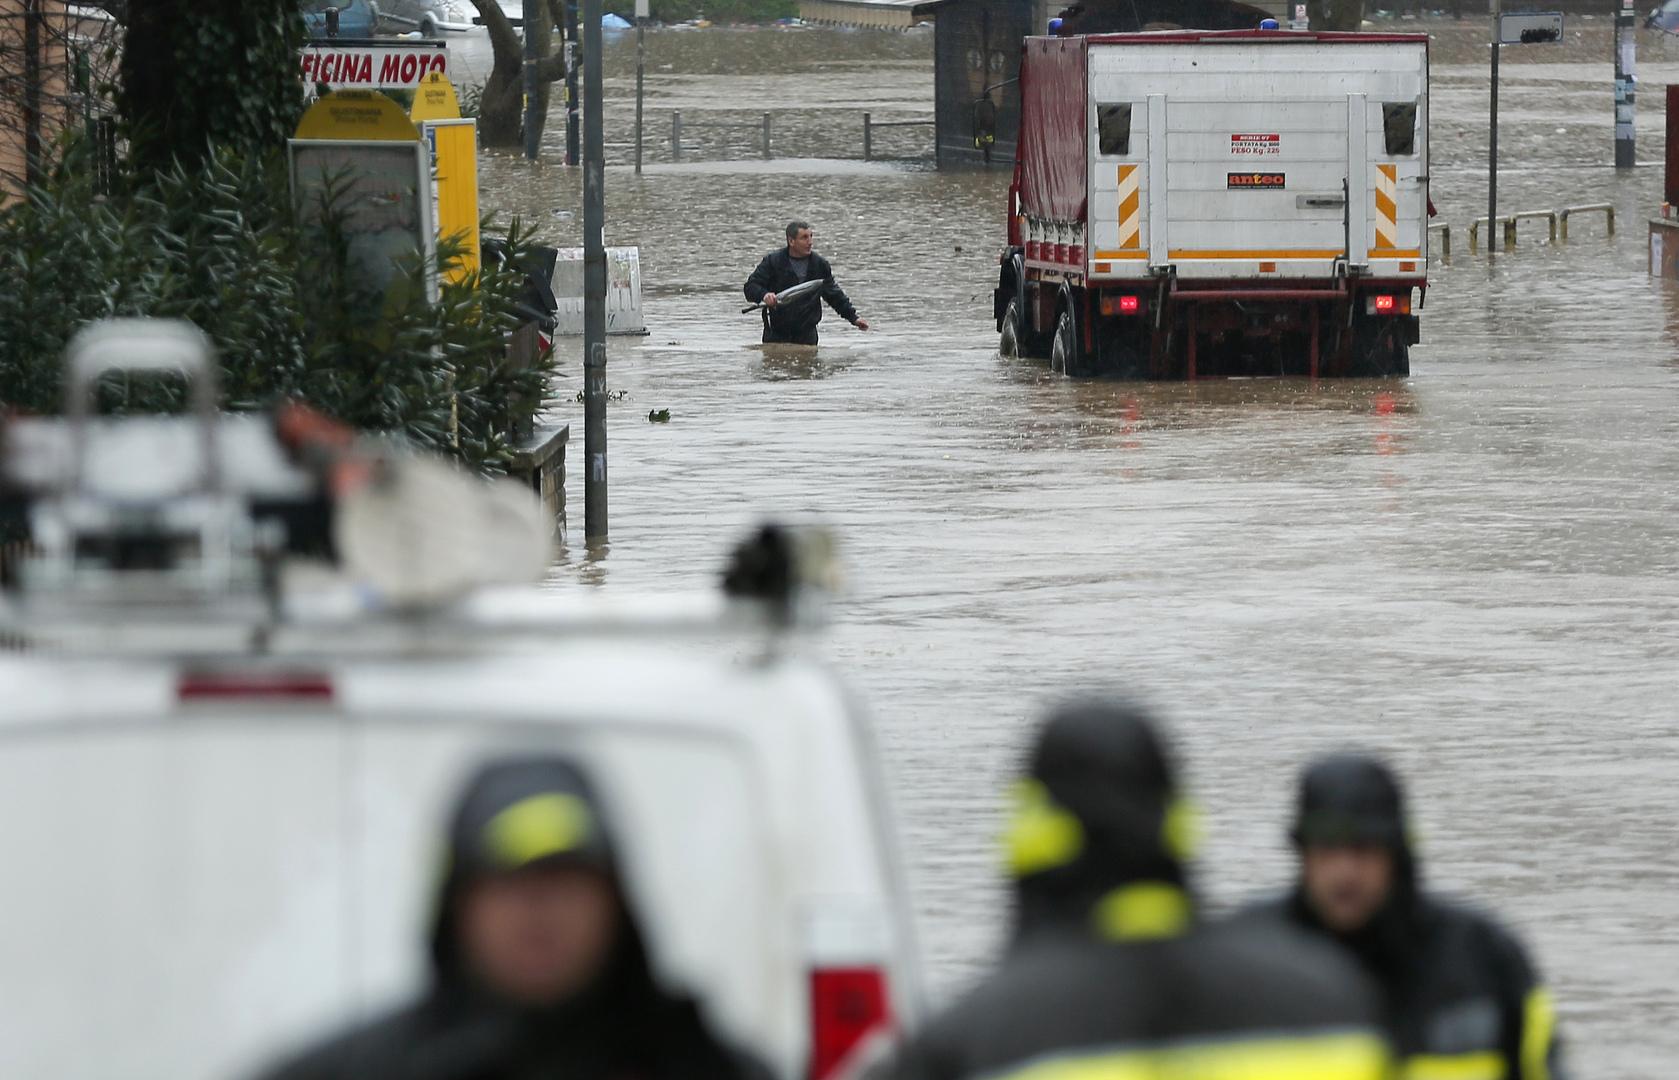 بالفيديو.. روما تغرق بمياه الفيضانات